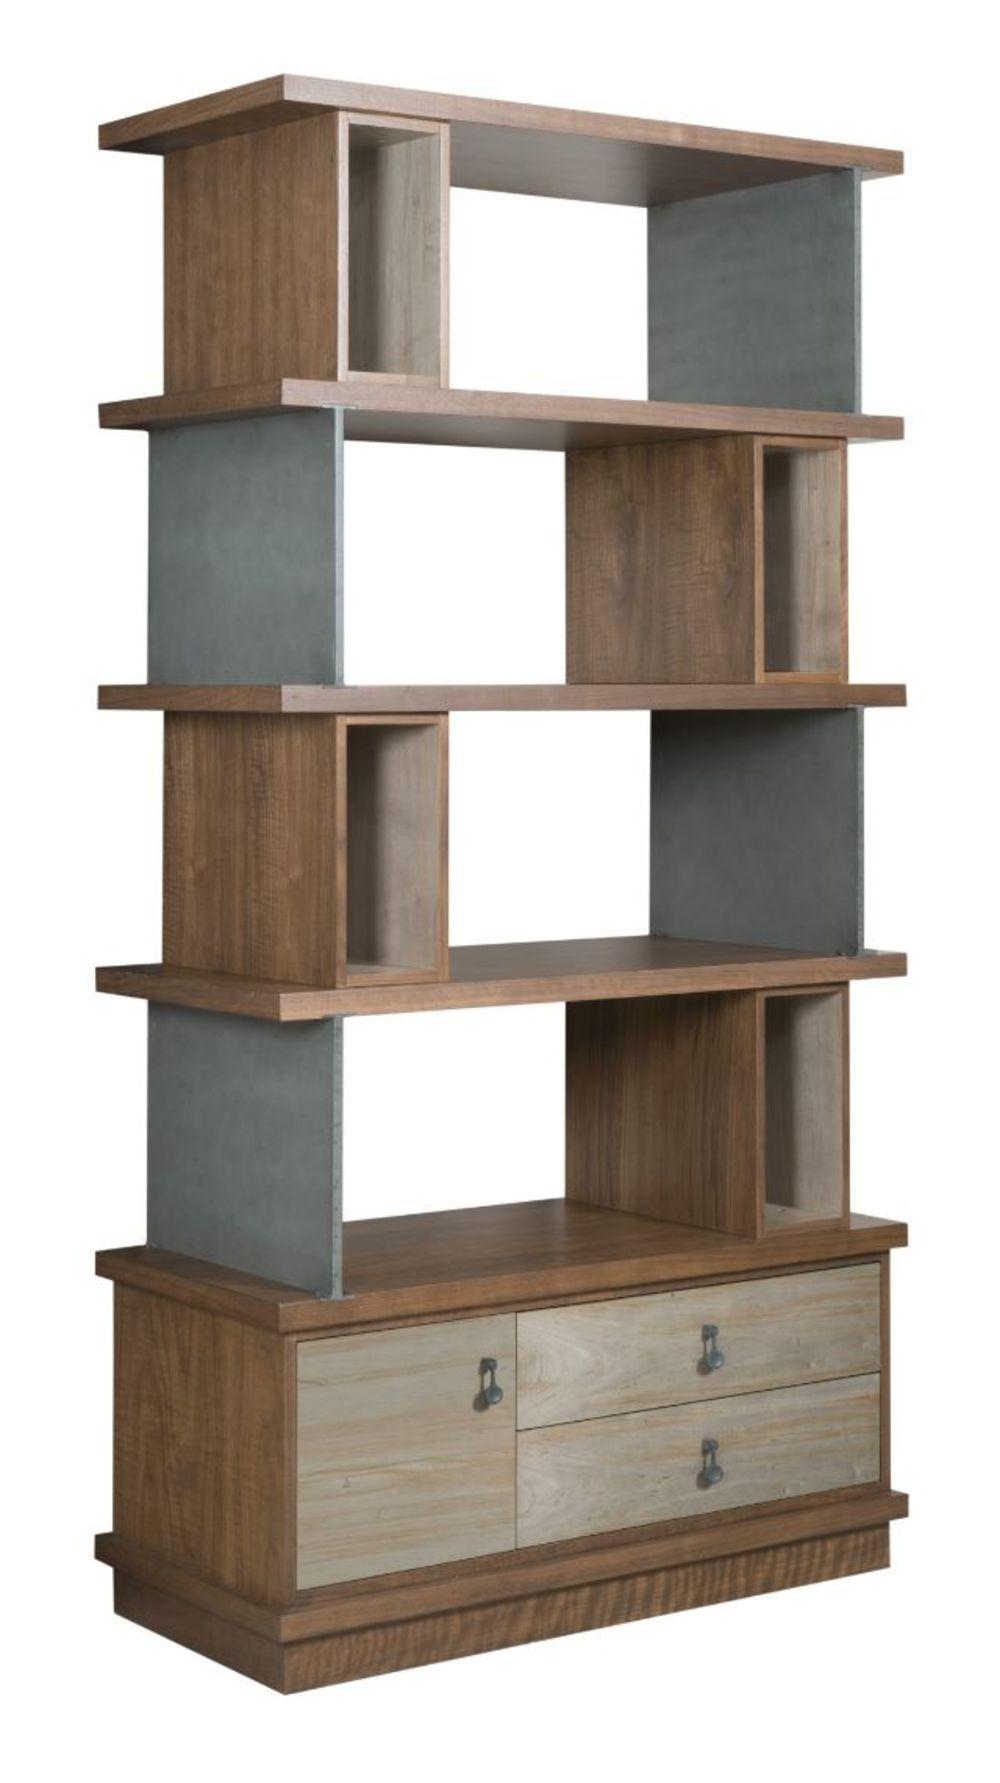 American Drew - Epoque Bookcase